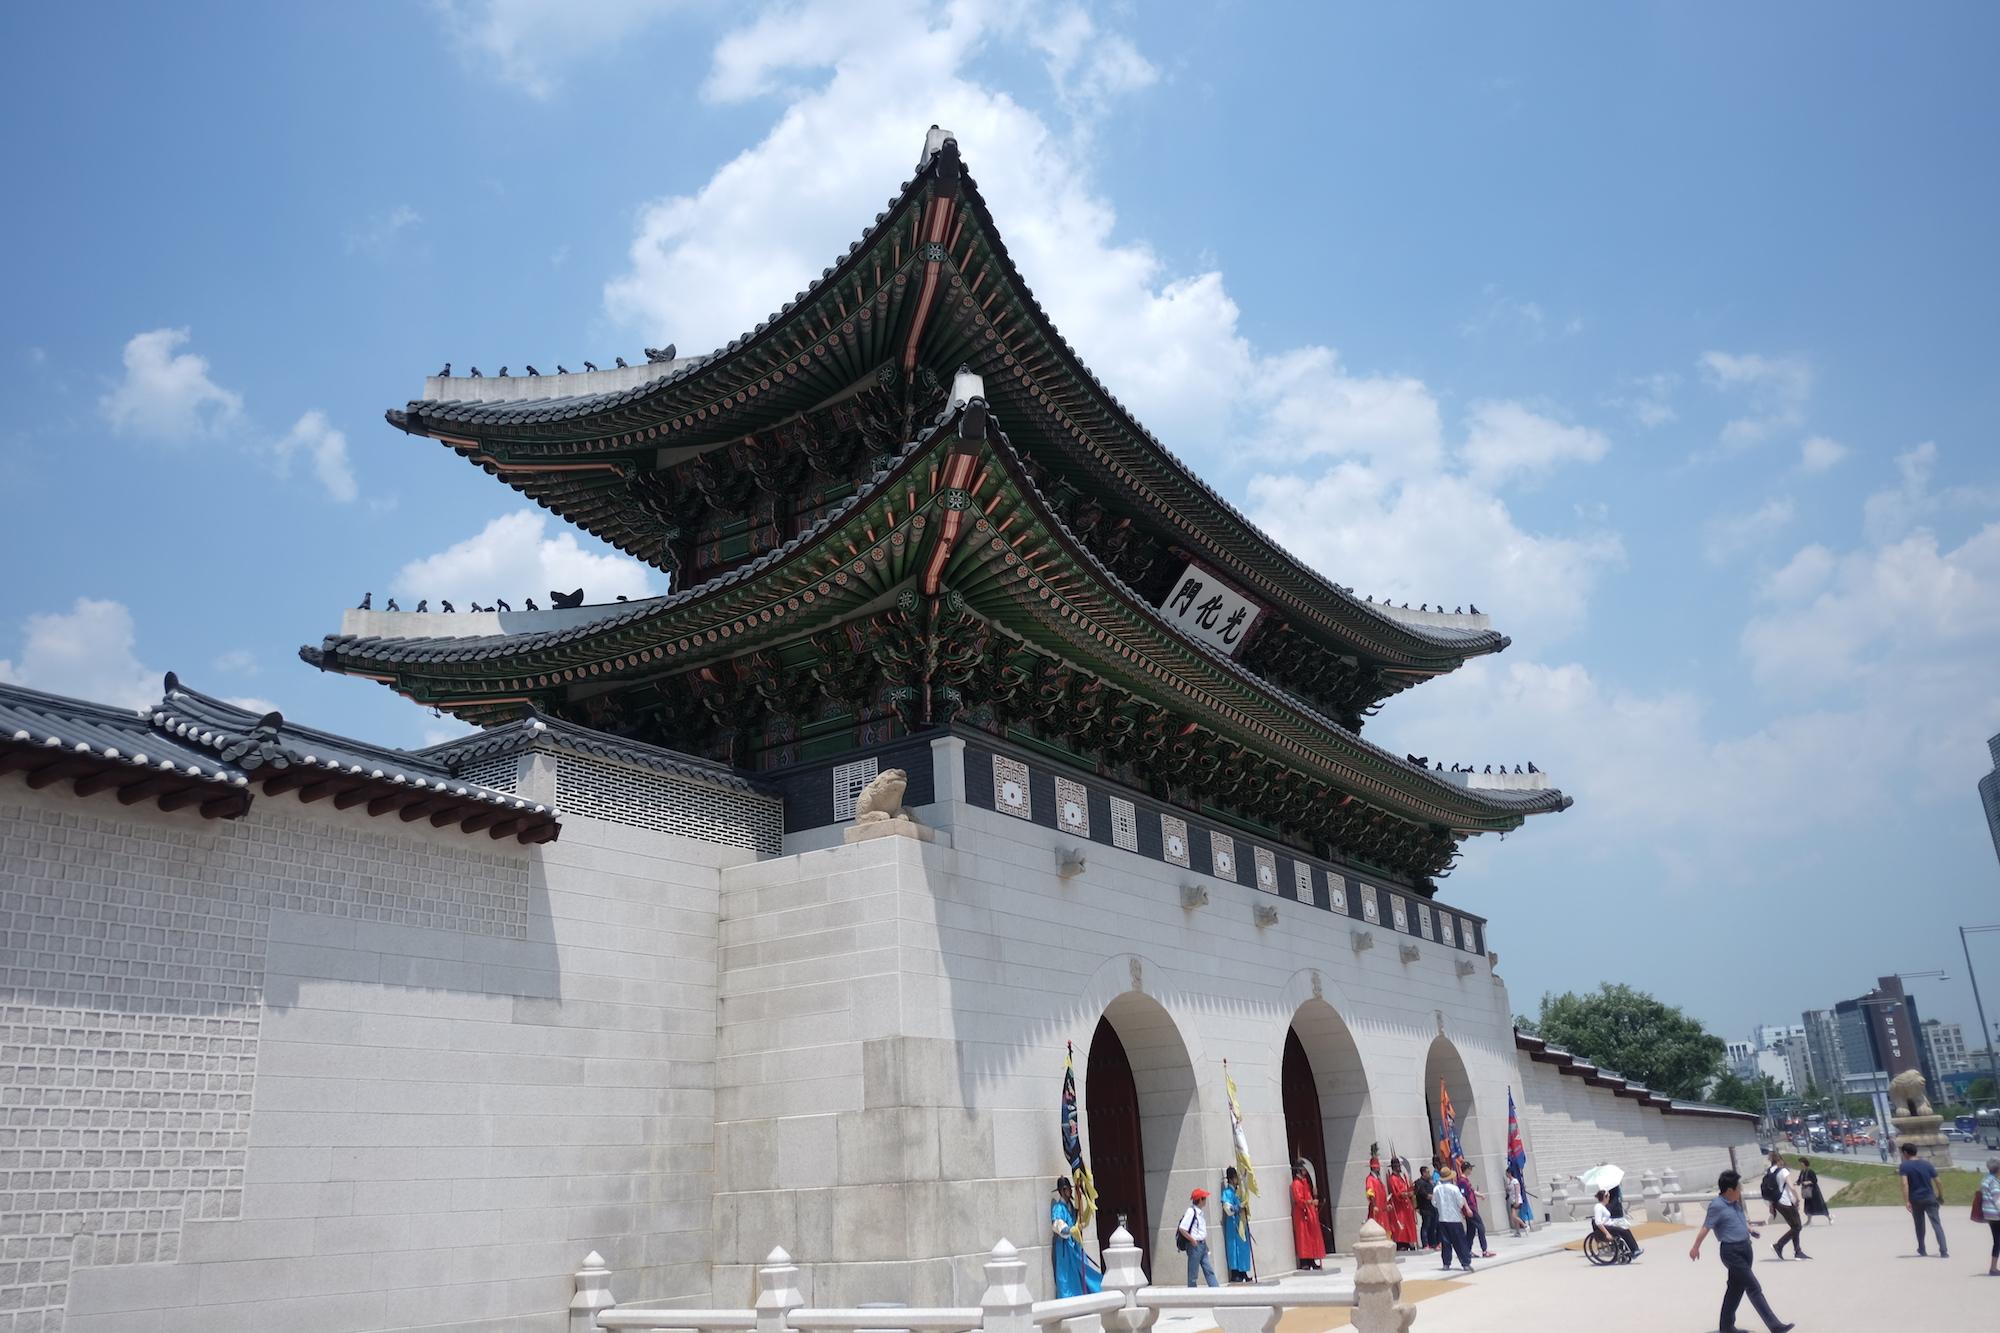 Coreeseoul00005